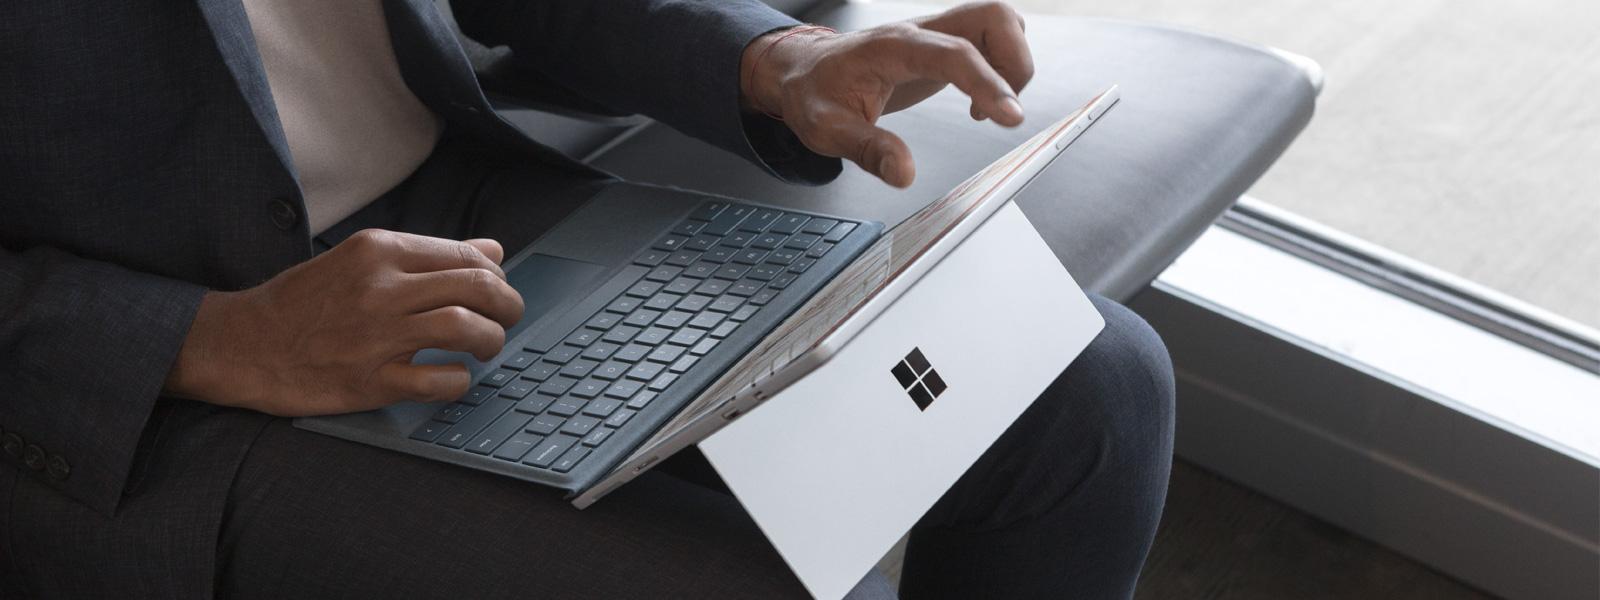 Zwei Frauen verwenden Surface Book 2 mit nach hinten gefalteter Tastatur in einer Café-Umgebung.